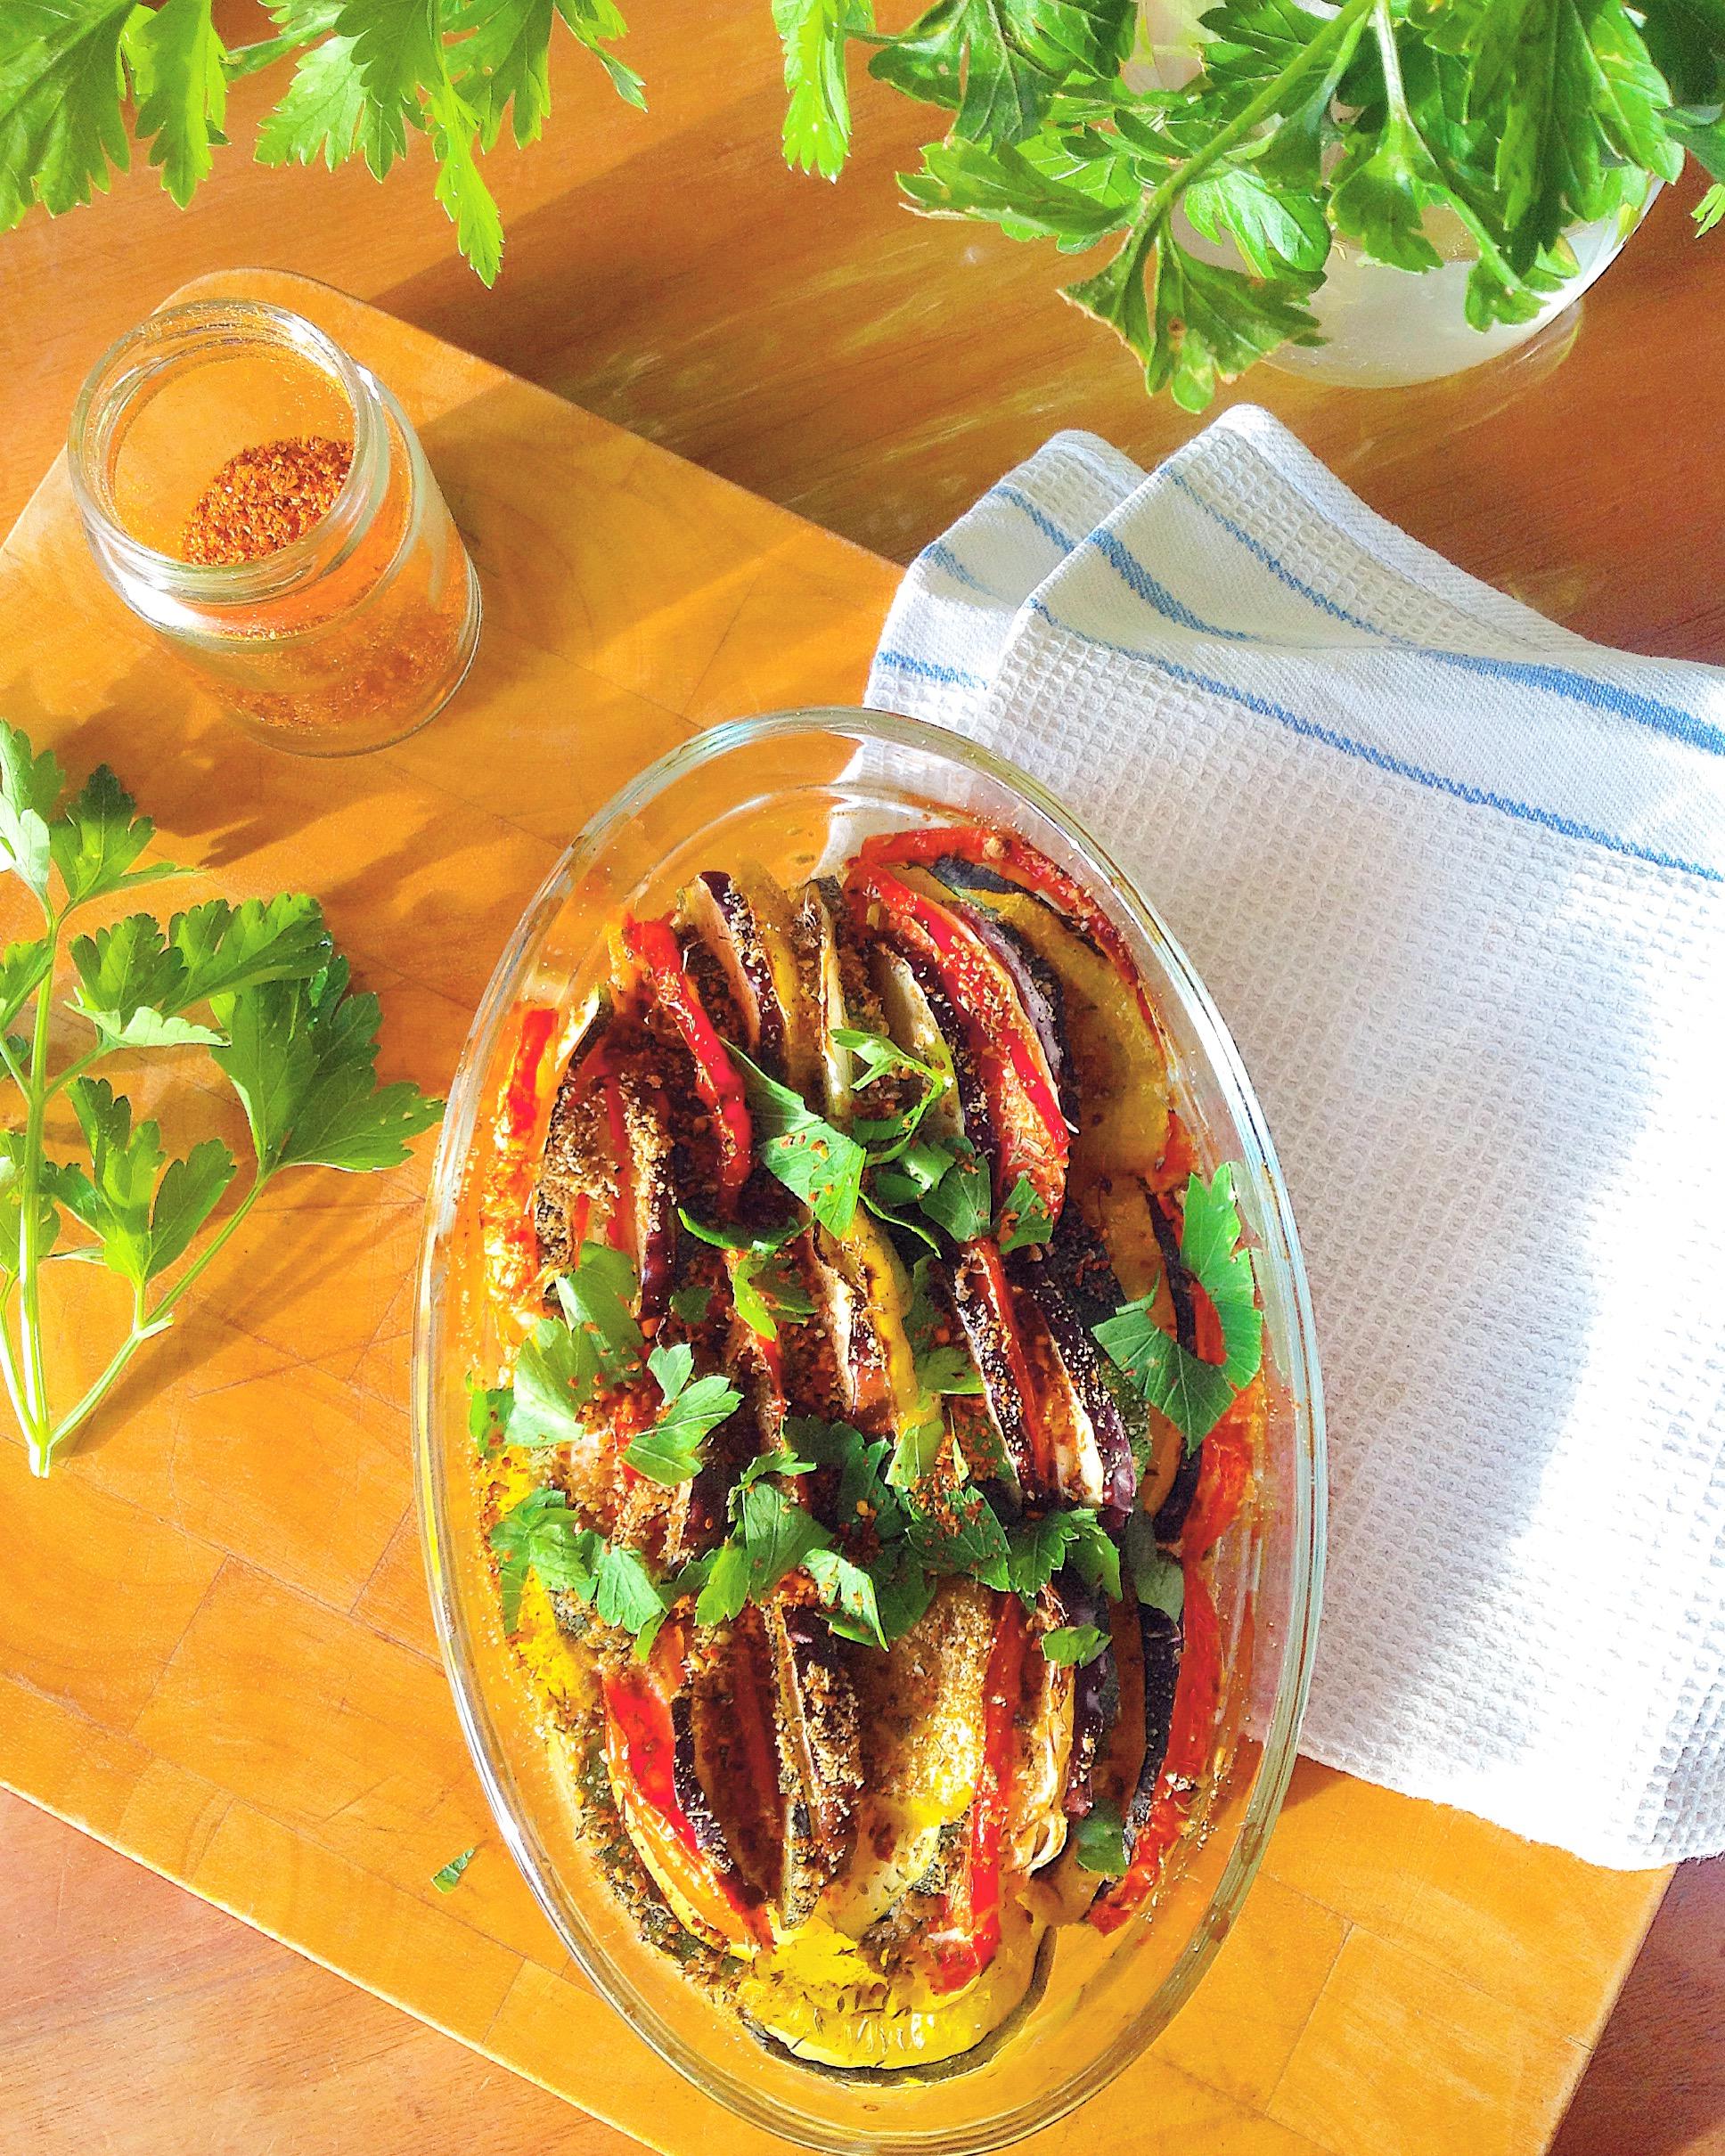 Recette Facile Du Tian Provencal recette du tian des kifs – ♡ les kifs de sandra ♡